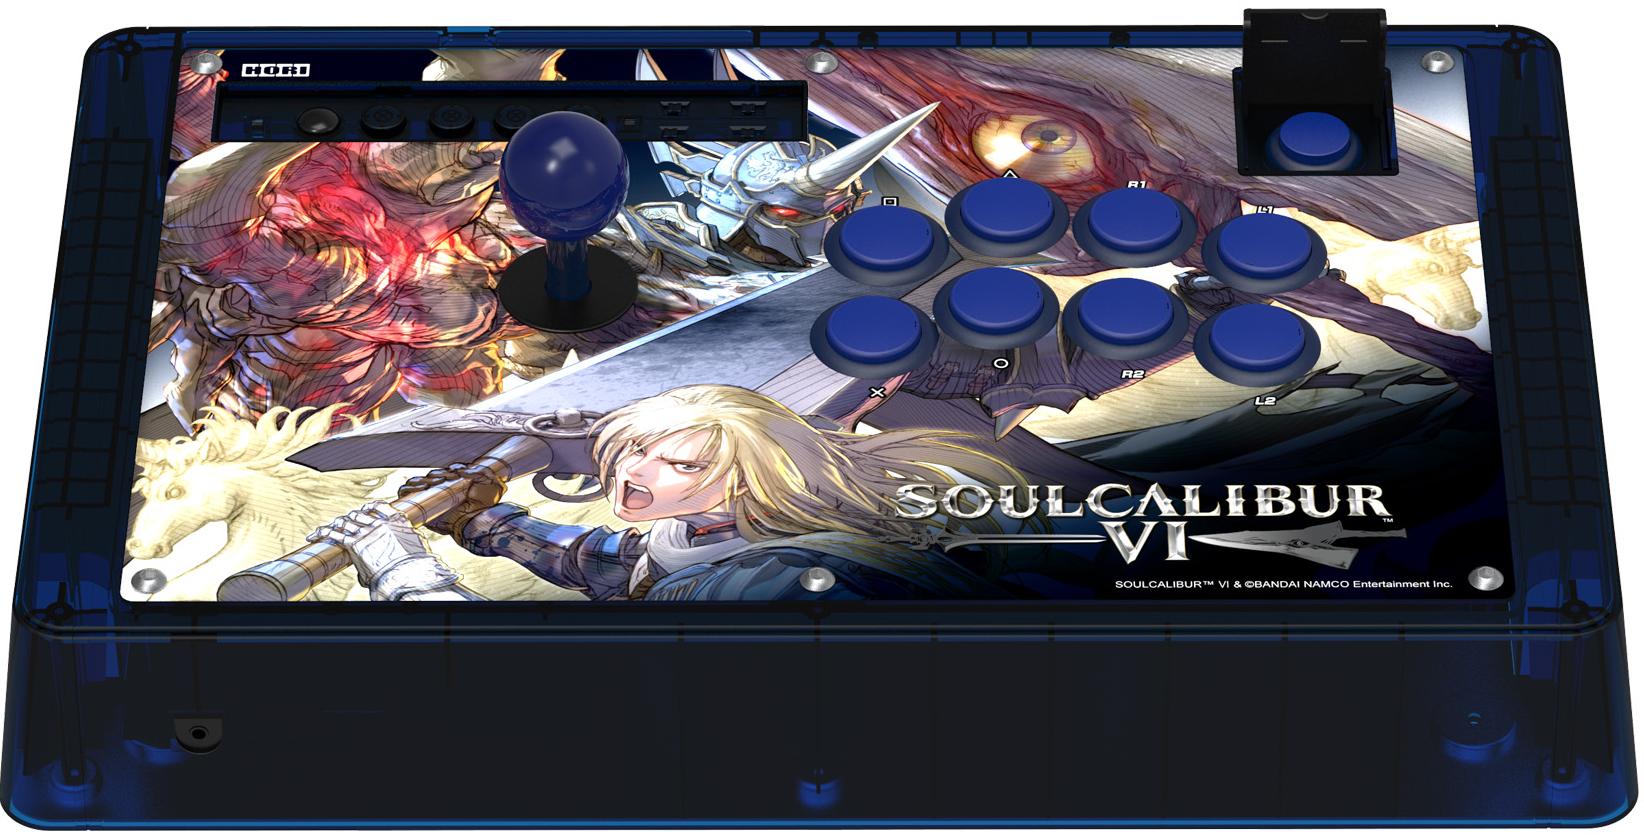 2018 E3 Press Release Announcement for SOULCALIBUR VI Branded Fight